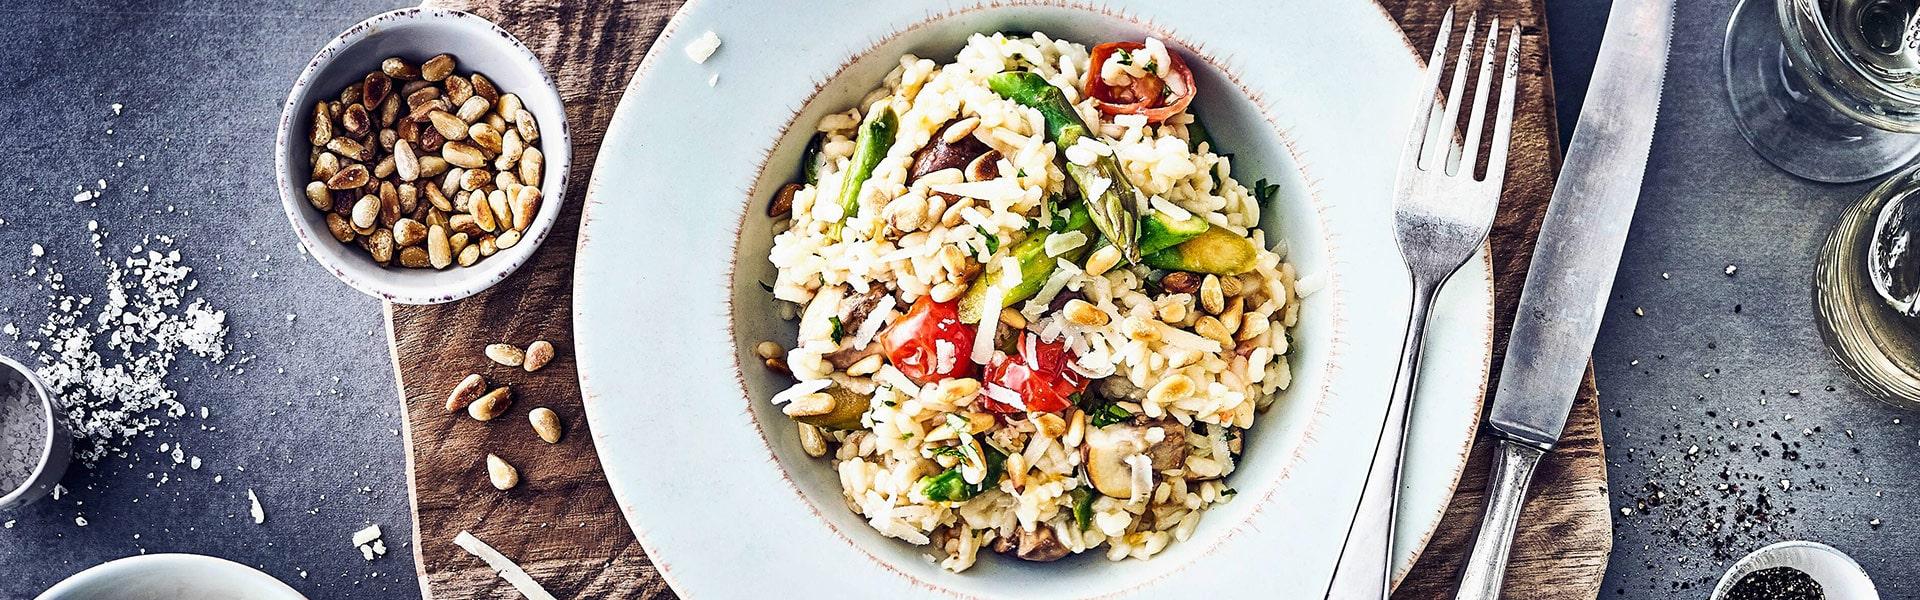 Risotto mit frischem Gemüse